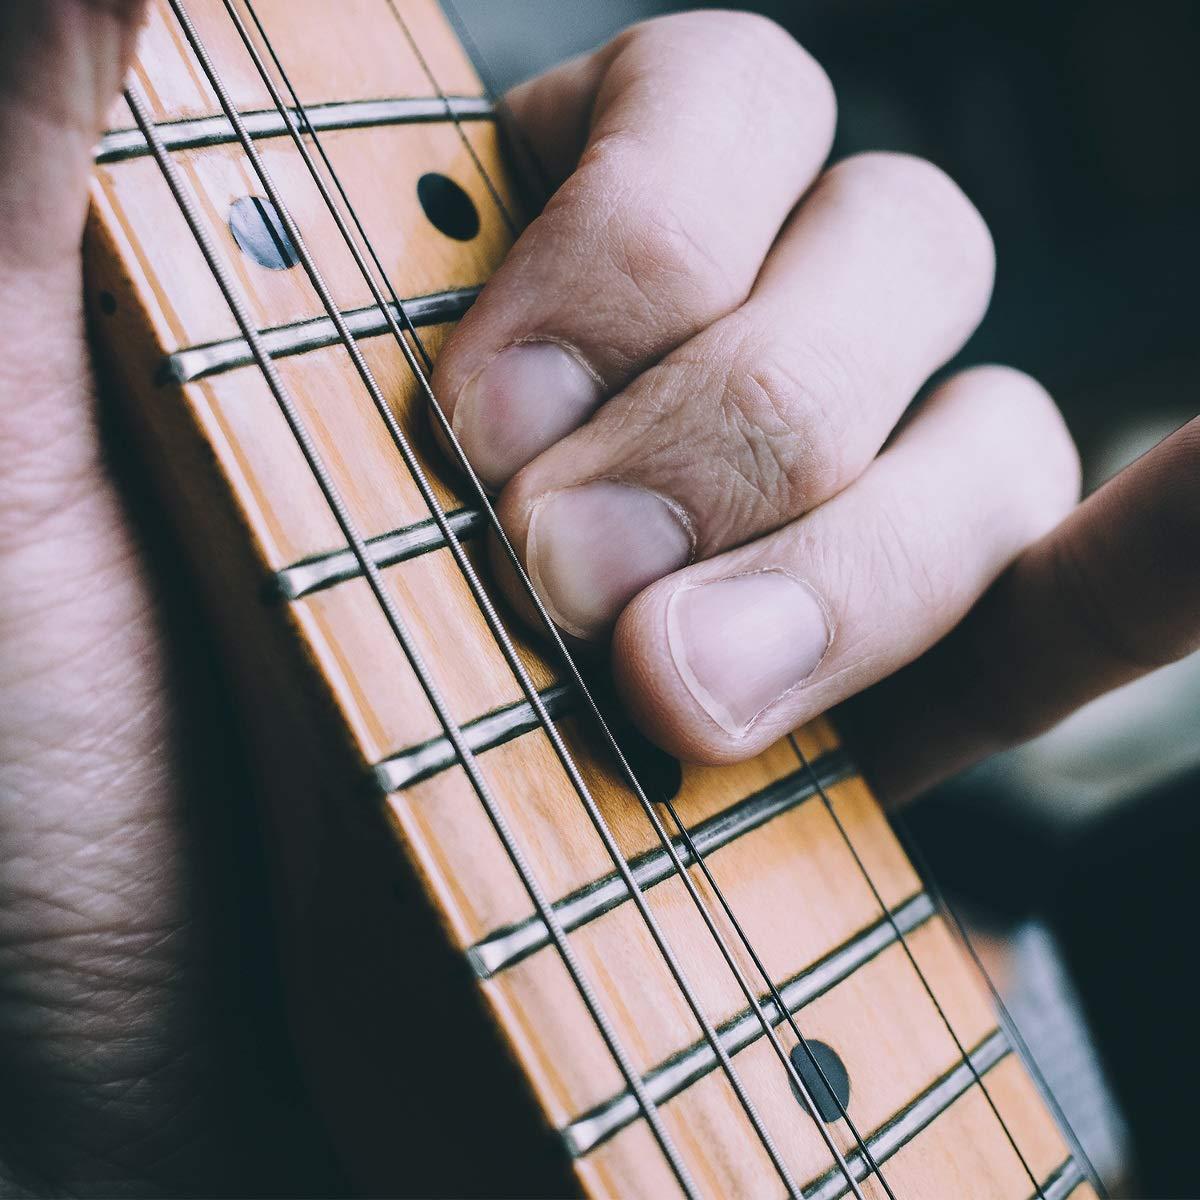 kwmobile Set de 6 cuerdas para guitarra - Juego de cuerdas de repuesto para guitarra acústica clásica - Cuerdas acero numeradas con div. grosor: Amazon.es: ...